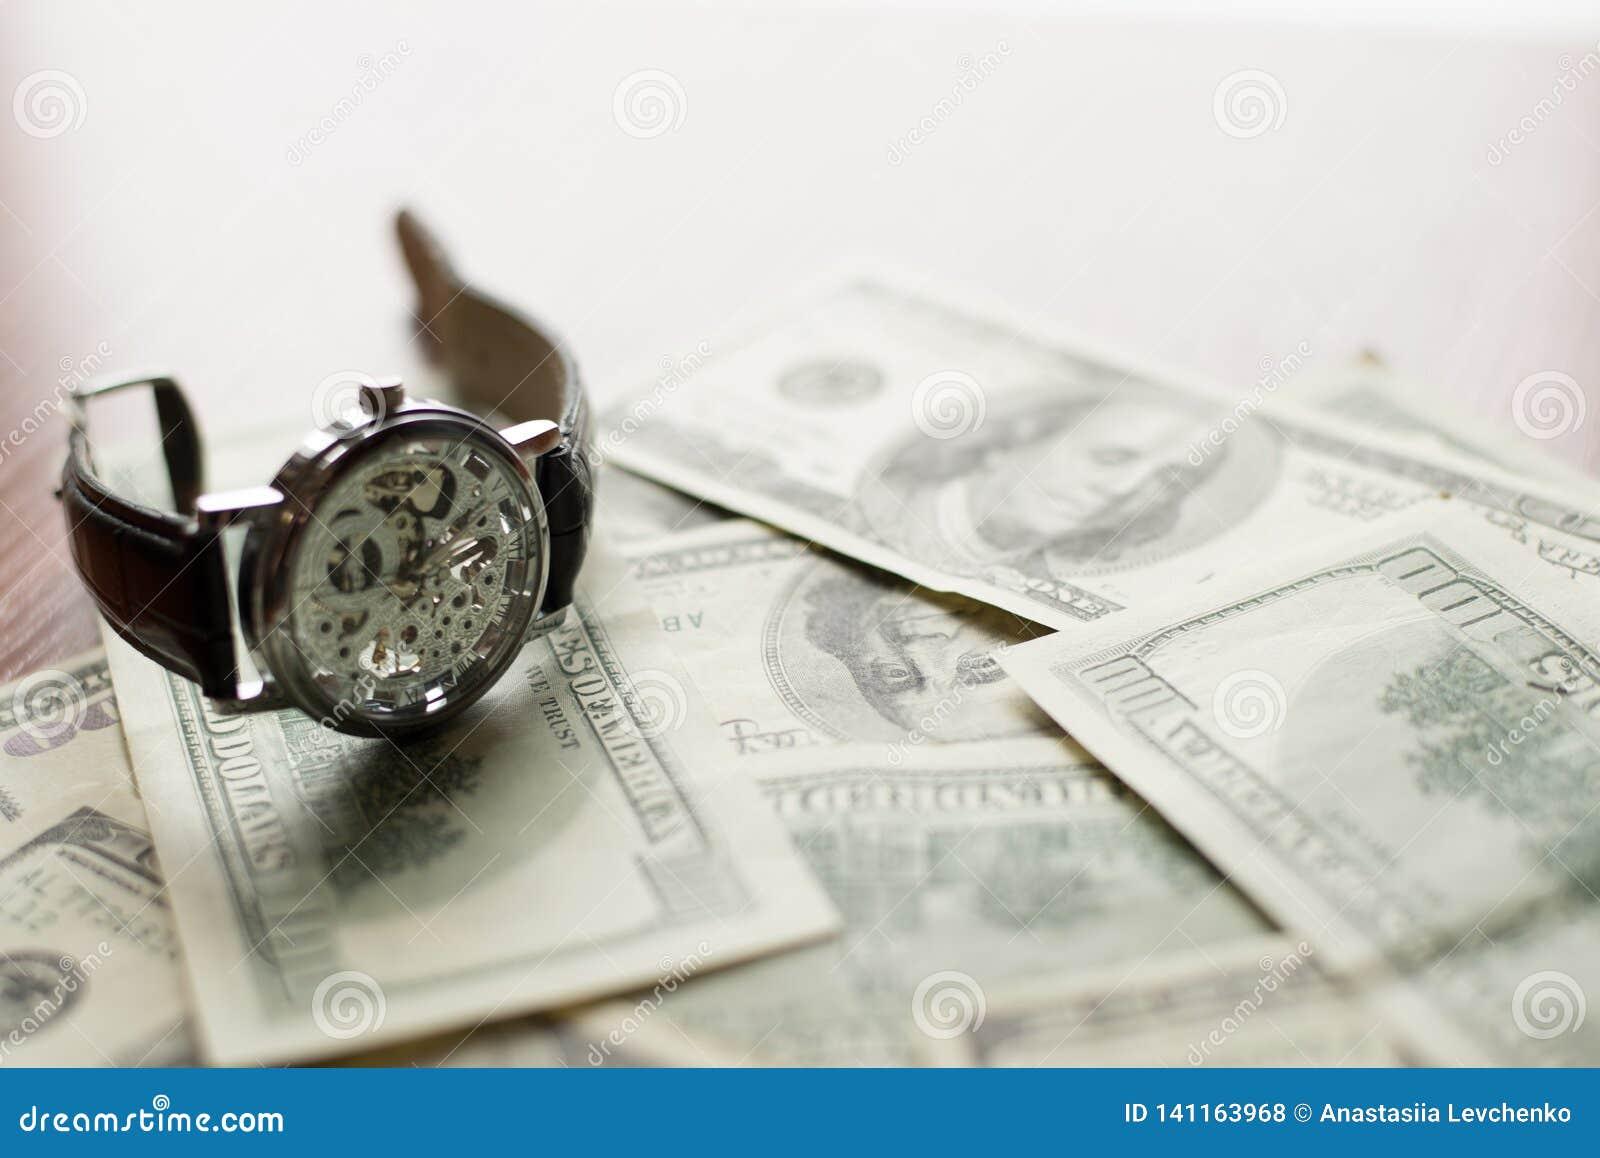 Hora de pagar - 100 dólares de billete de banco y el reloj clásico con los números romanos